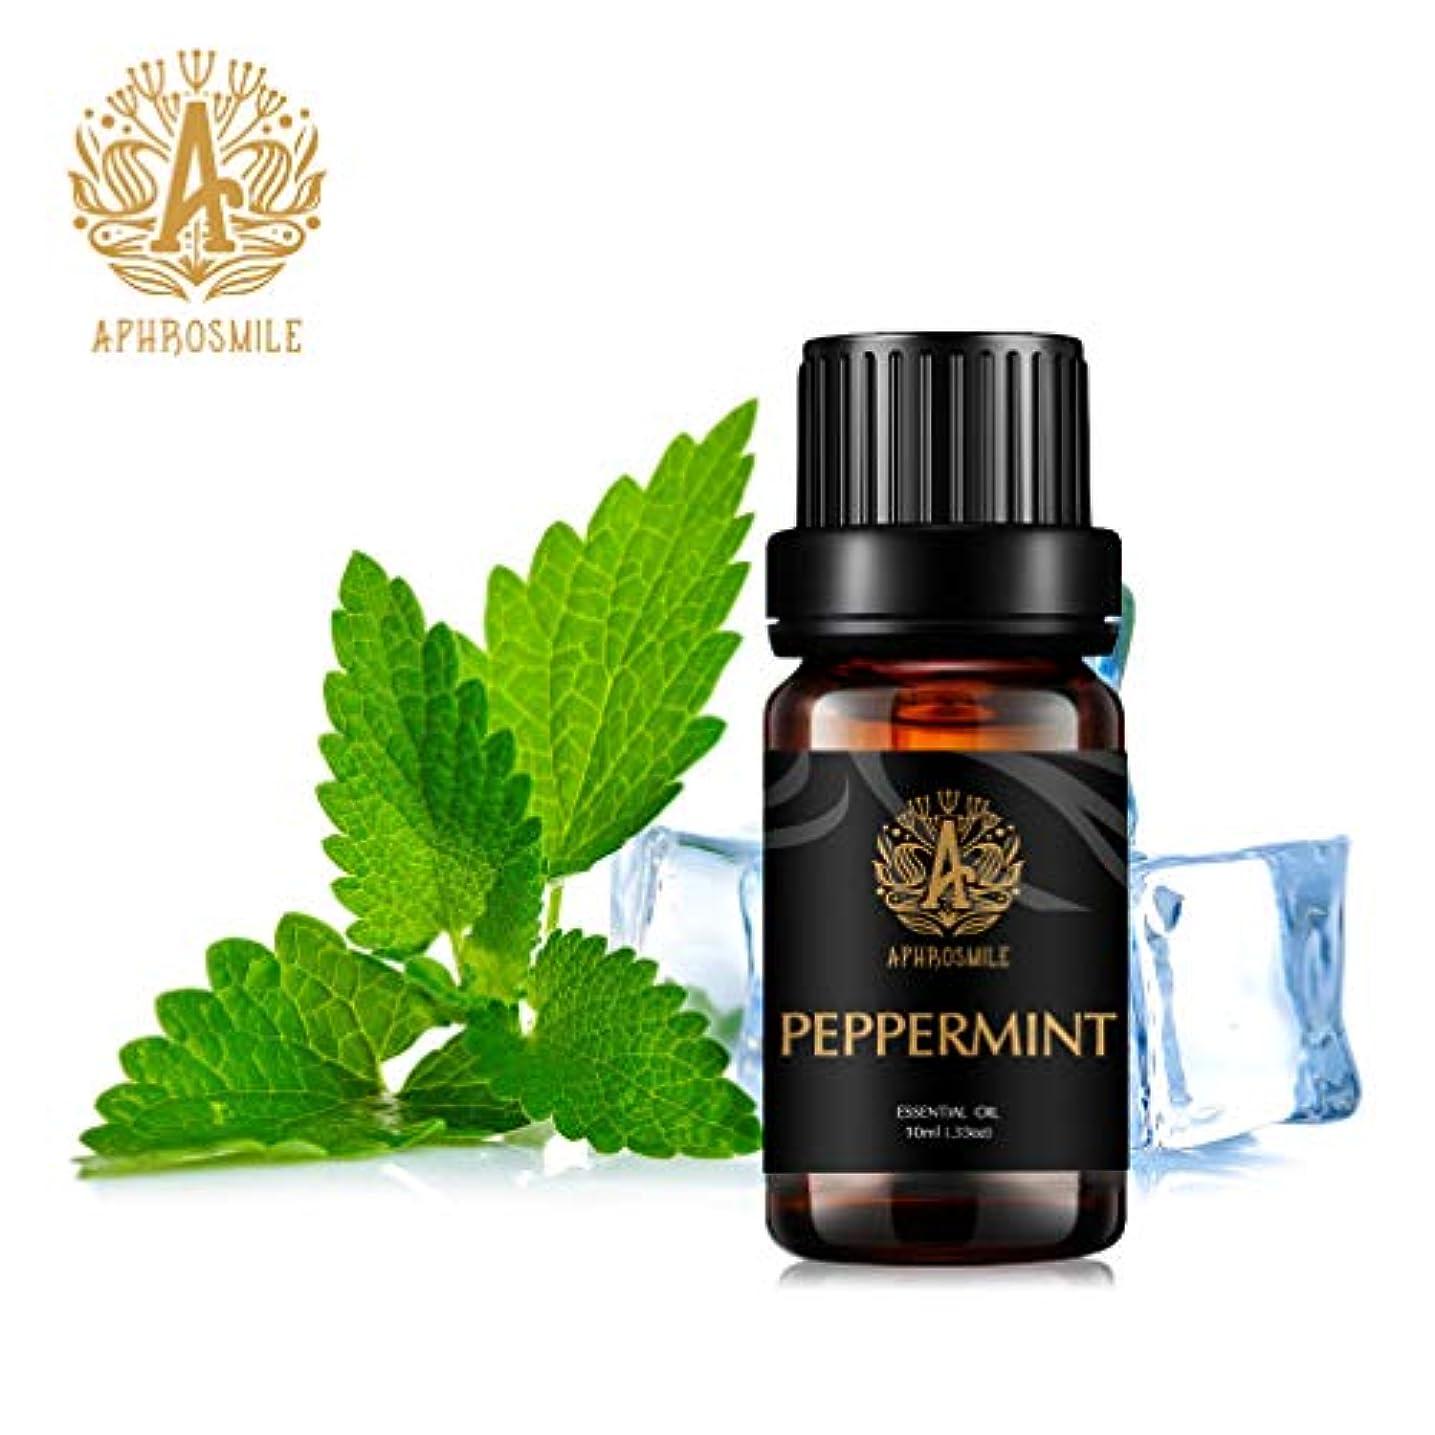 配置繁栄歯ペパーミントの精油、100%純粋なアロマセラピーエッセンシャルオイルペパーミントの香り、明確な思考と、治療用グレードエッセンシャルオイルペパーミントの香り為にディフューザー、マッサージ、加湿器、デイリーケア、0.33オンス...